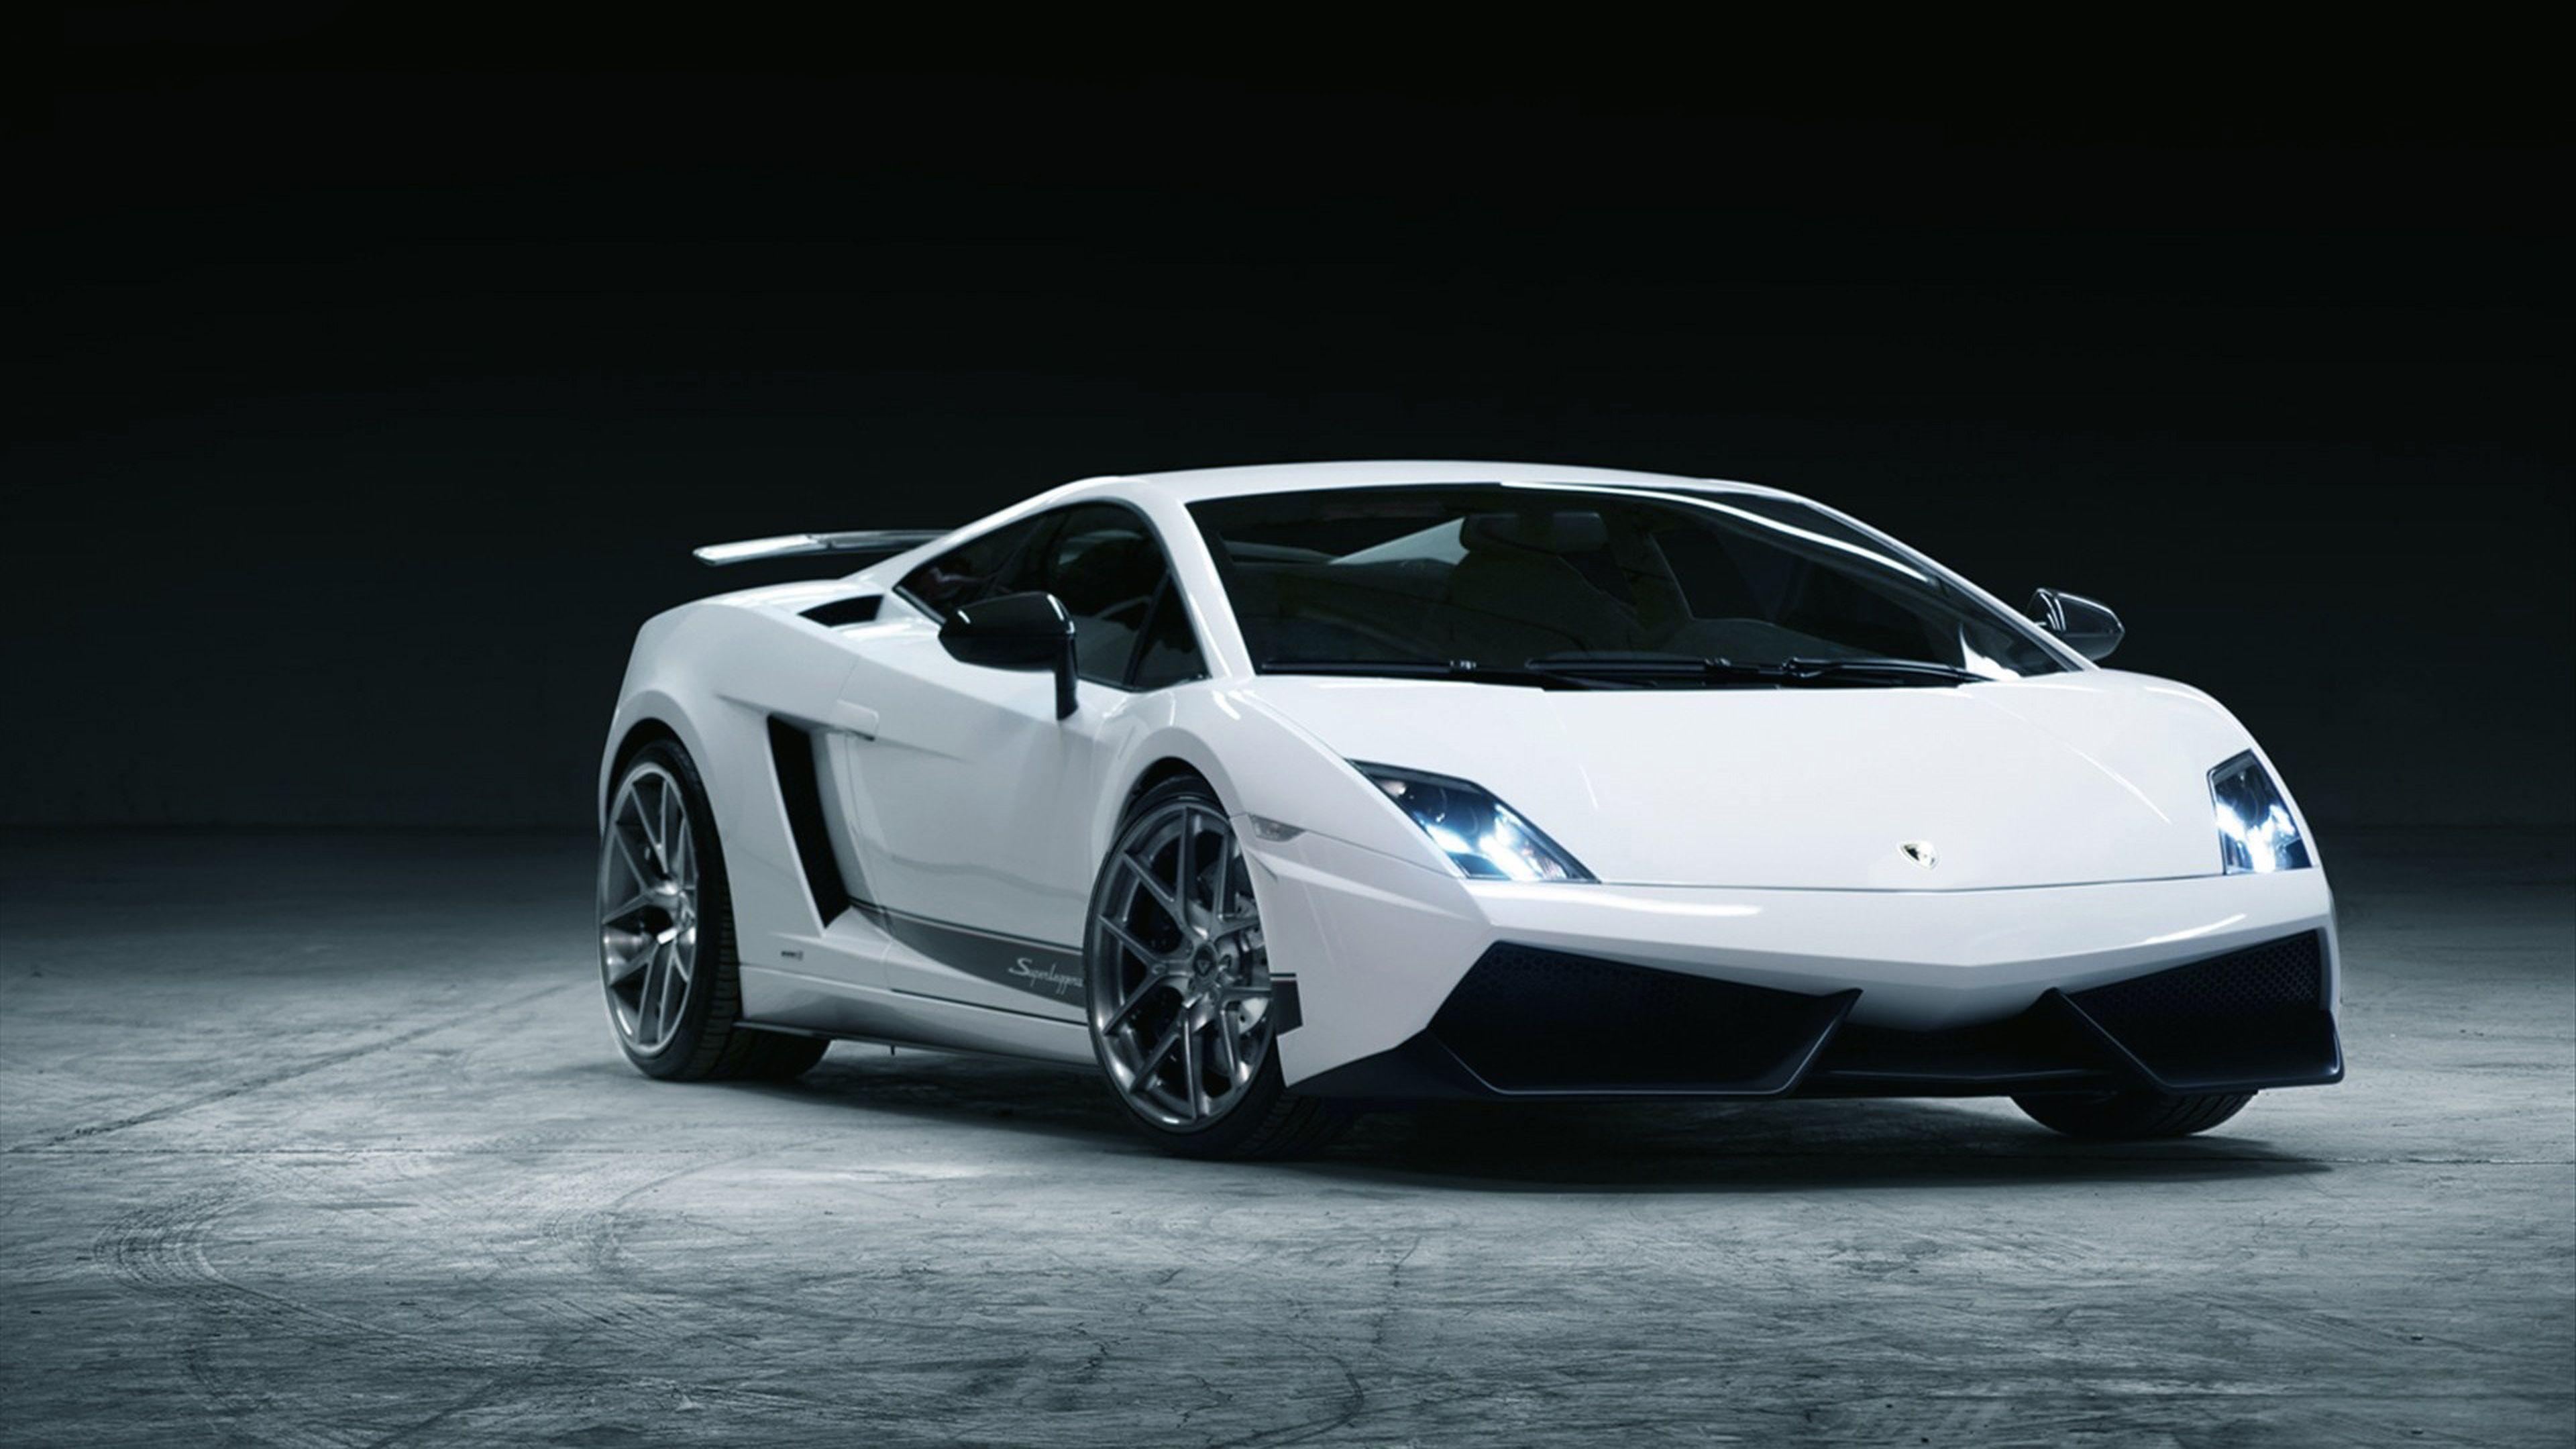 Lamborghini Gallardo Hd 4k Wallpaper